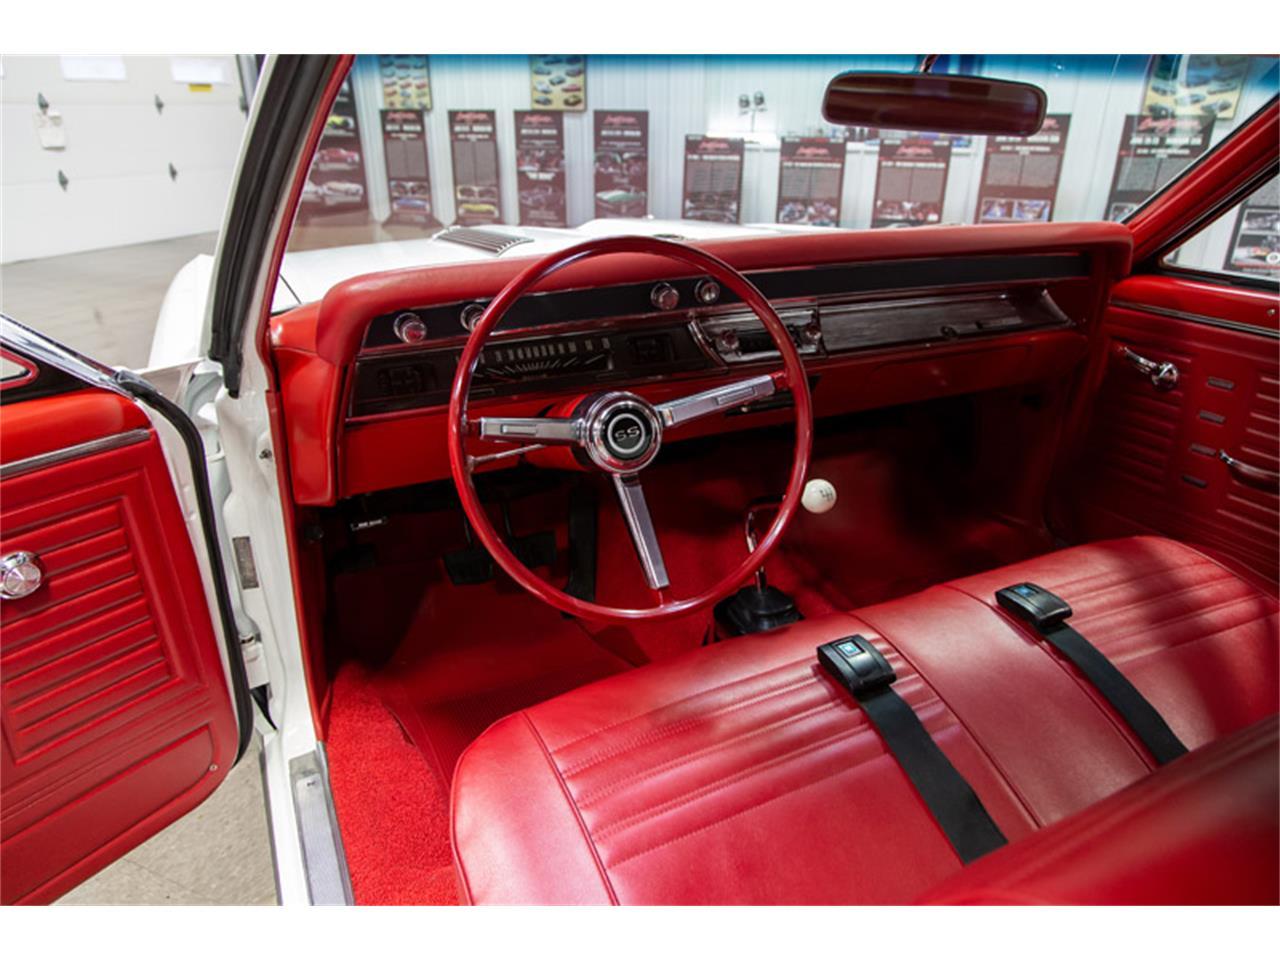 1967 Chevrolet Chevelle (CC-1364356) for sale in Seekonk, Massachusetts